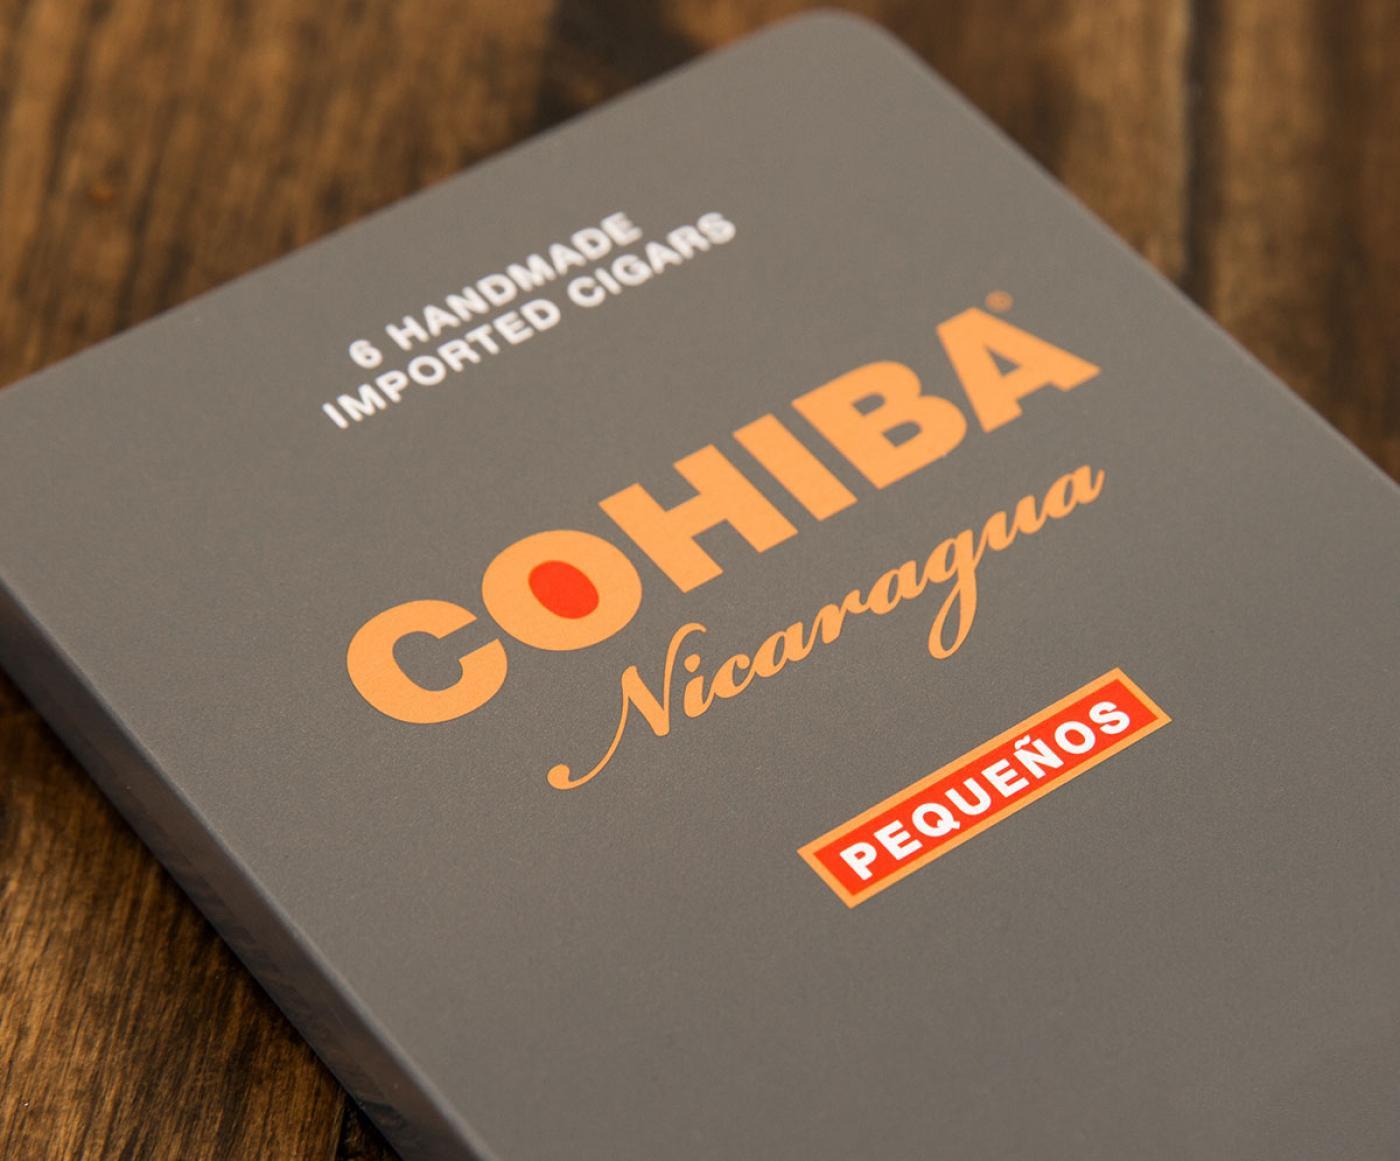 Cohiba_Nicaragua_Pequenos